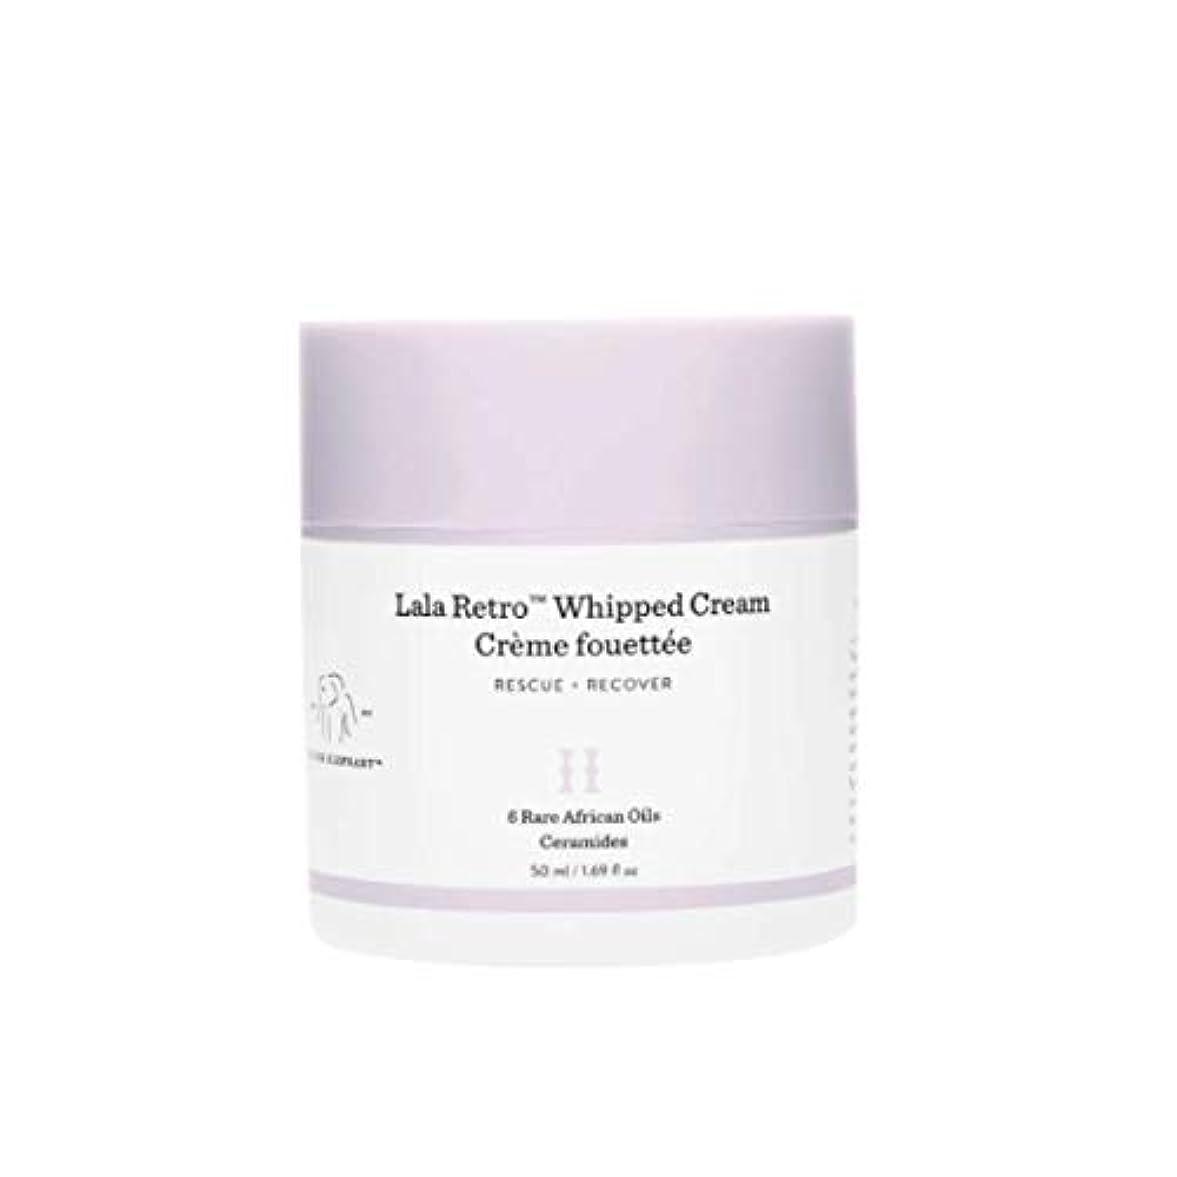 物思いにふける相関する狂ったDRUNK ELEPHANT Lala Retro Whipped Cream 1.69 oz/ 50 ml ドランクエレファント ララレトロ ホイップドクリーム 1.69 oz/ 50 ml